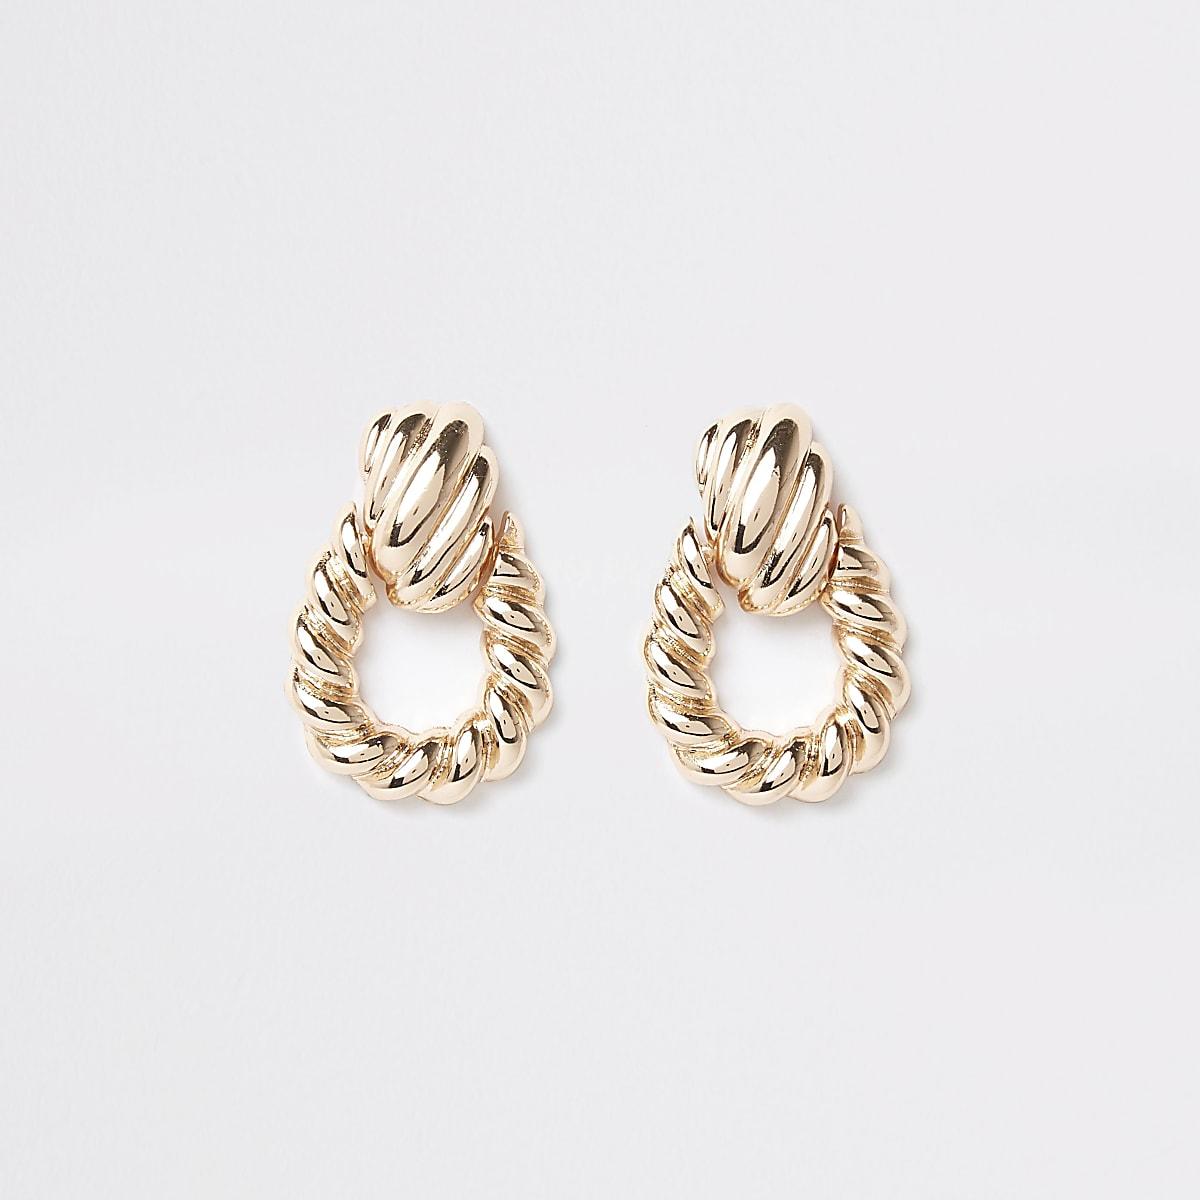 Gold color large twist doorknocker earrings